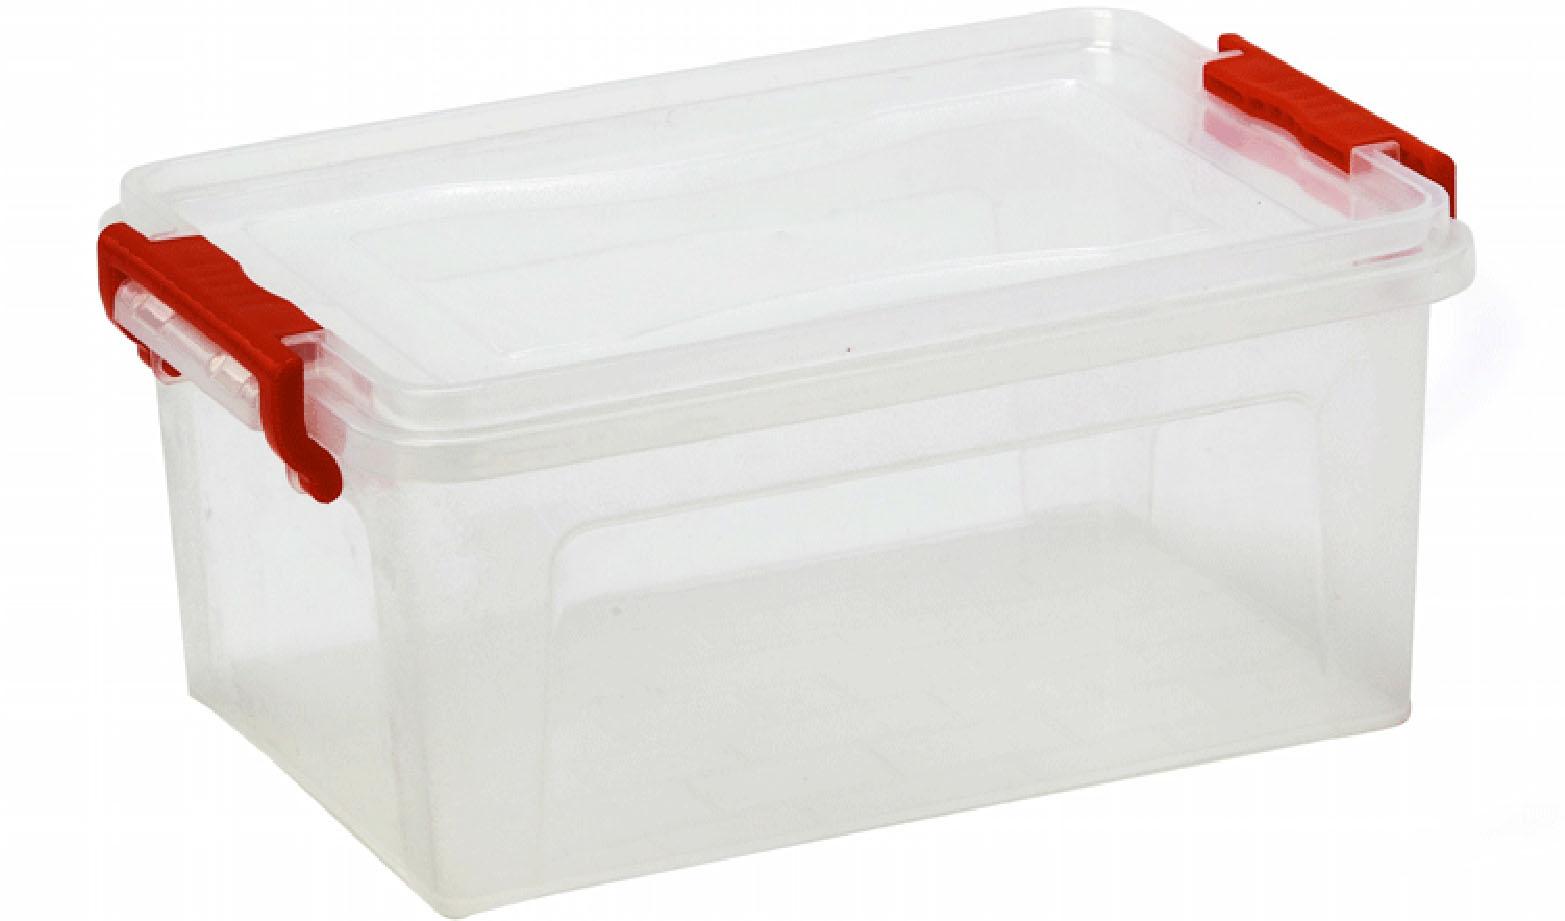 Контейнер для хранения Idea, прямоугольный, цвет: прозрачный, 20 лМ 2863Контейнер для хранения Idea выполнен из высококачественного пластика. Контейнер снабжен двумя фиксаторами по бокам, придающими дополнительную надежность закрывания крышки. Вместительный контейнер позволит сохранить различные нужные вещи в порядке, а герметичная крышка предотвратит случайное открывание, защитит содержимое от пыли и грязи.